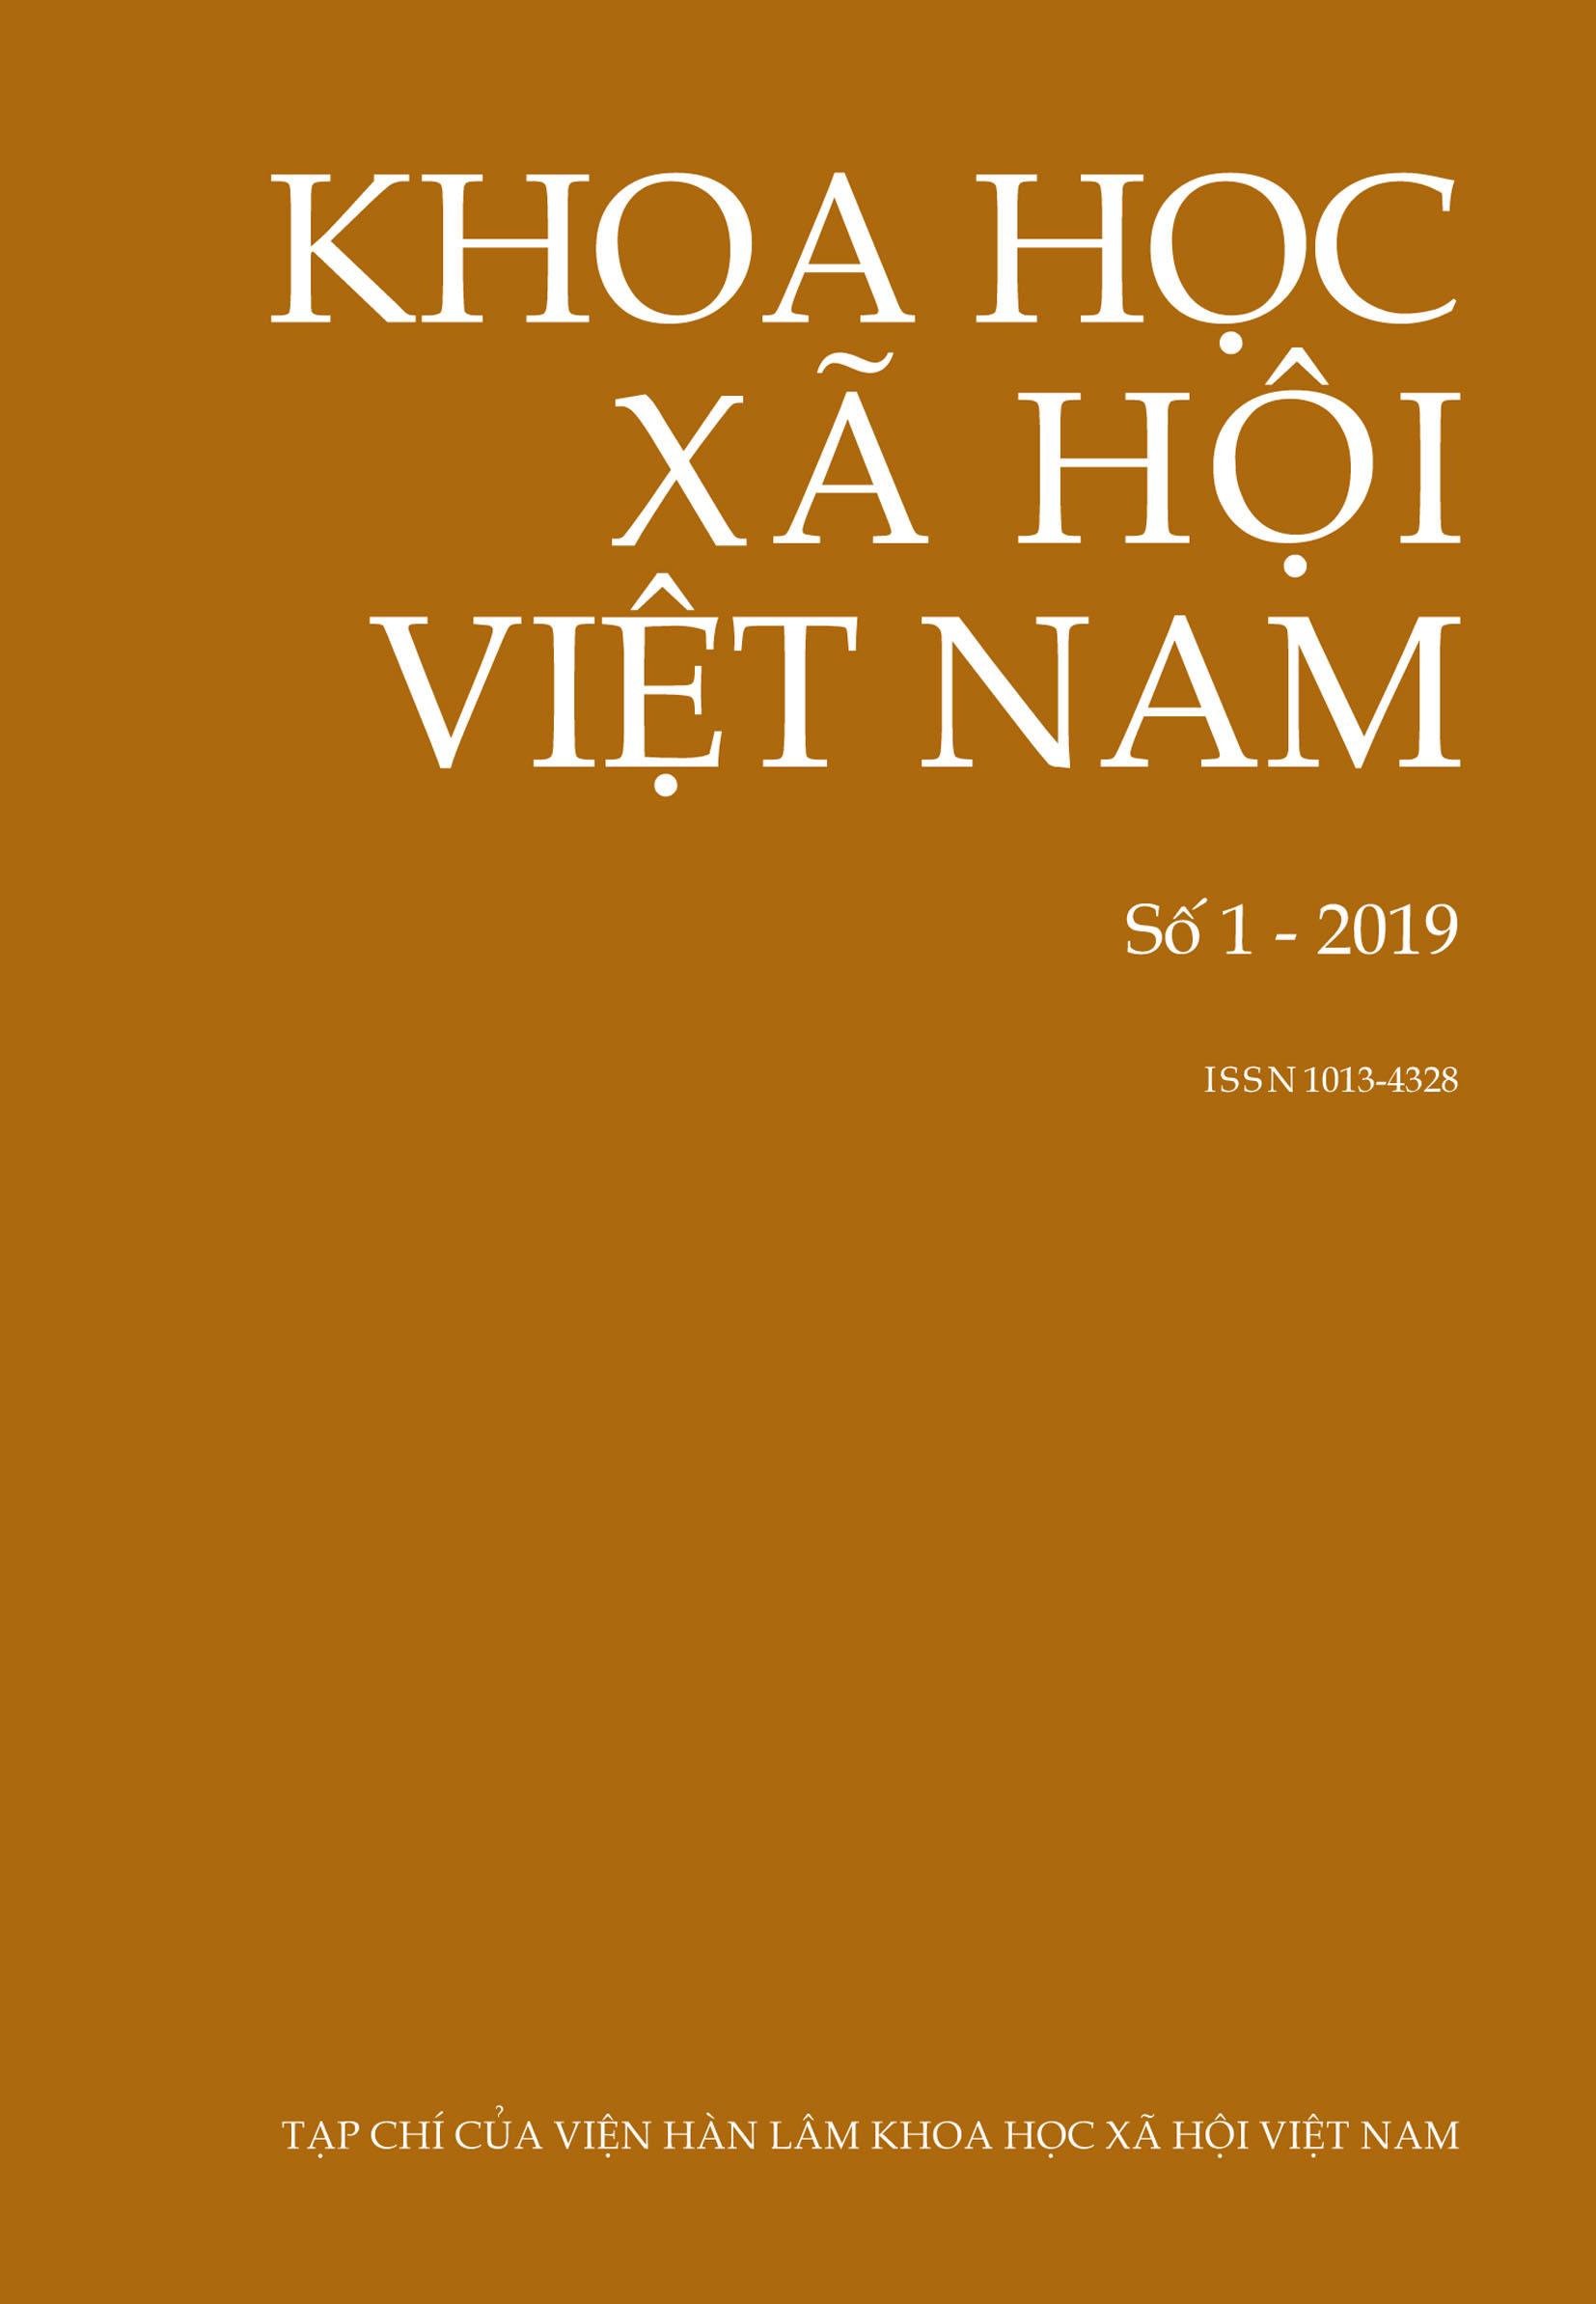 Khoa học xã hội Việt Nam. Số 1 - 2019